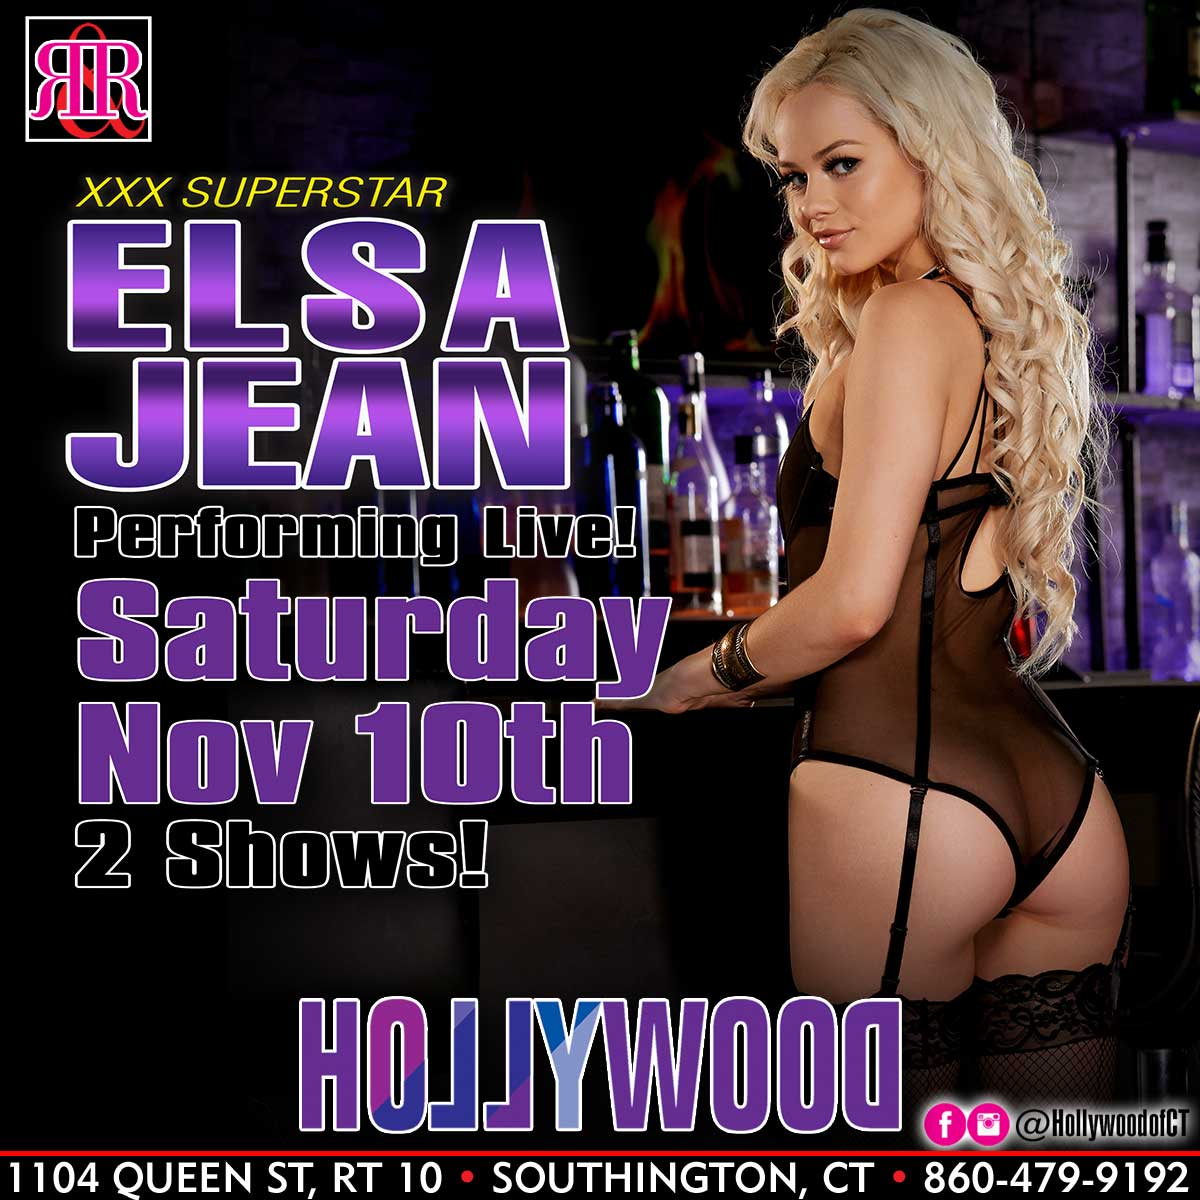 Elsa Jean | Hollywood Strip Club Connecticut